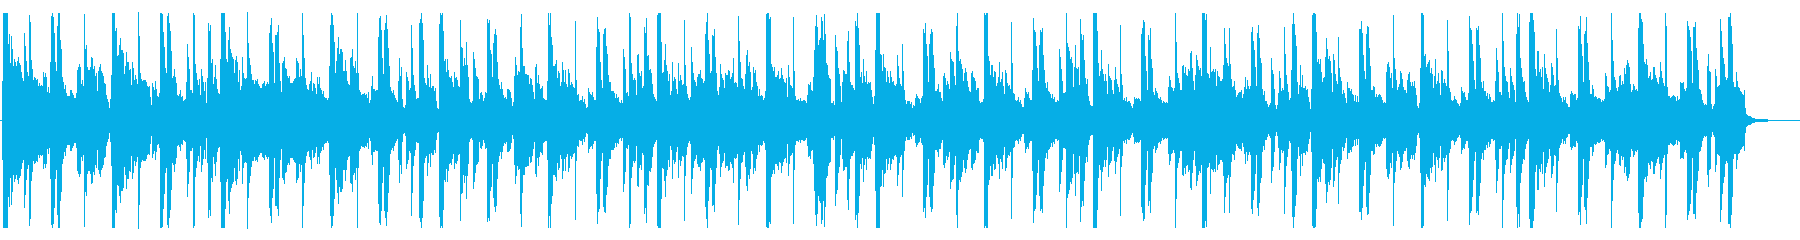 儚げ/R&B_No606_5の再生済みの波形